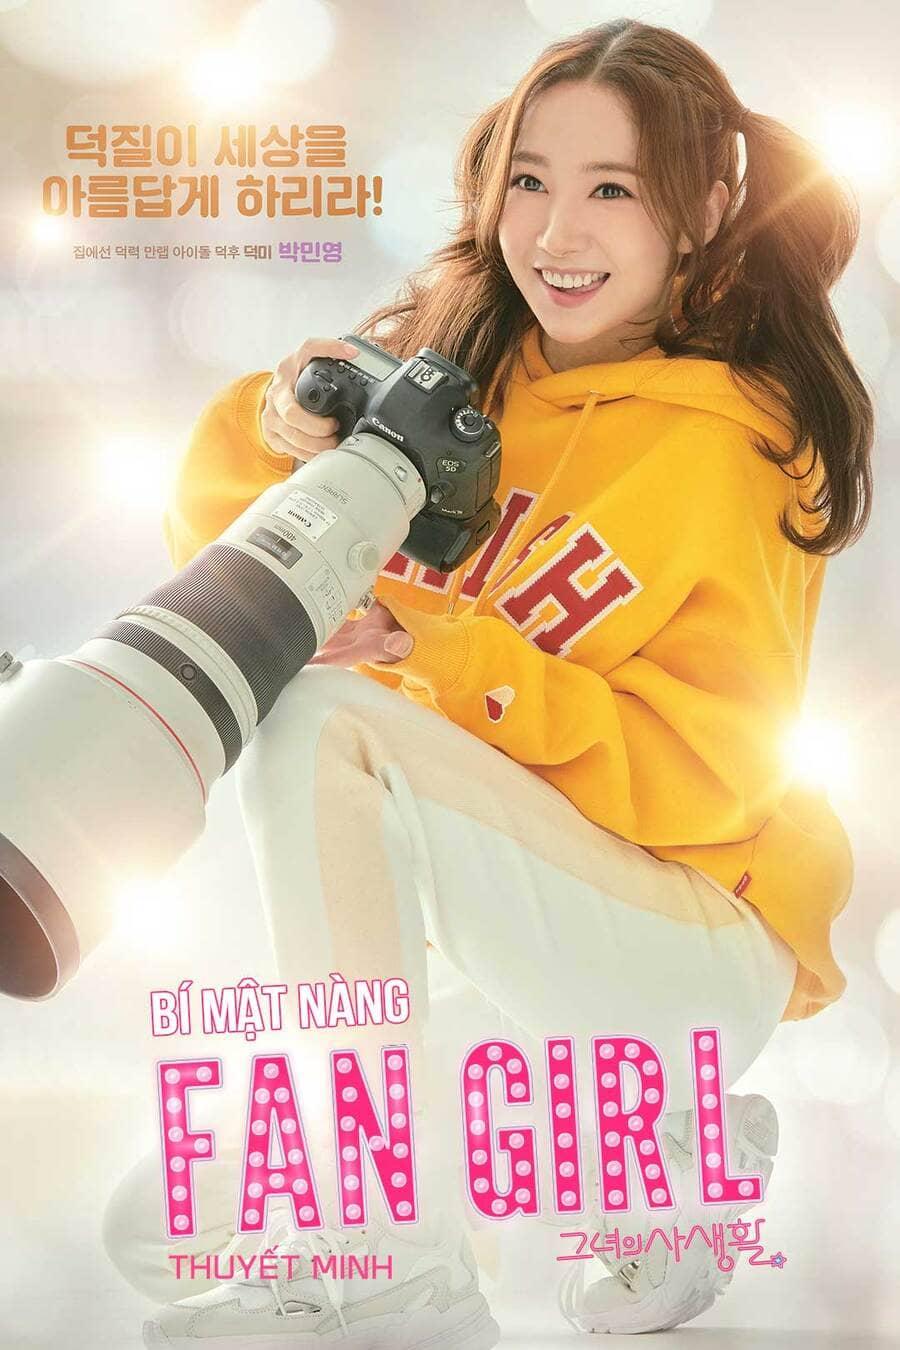 phim bí mật nàng fangirl